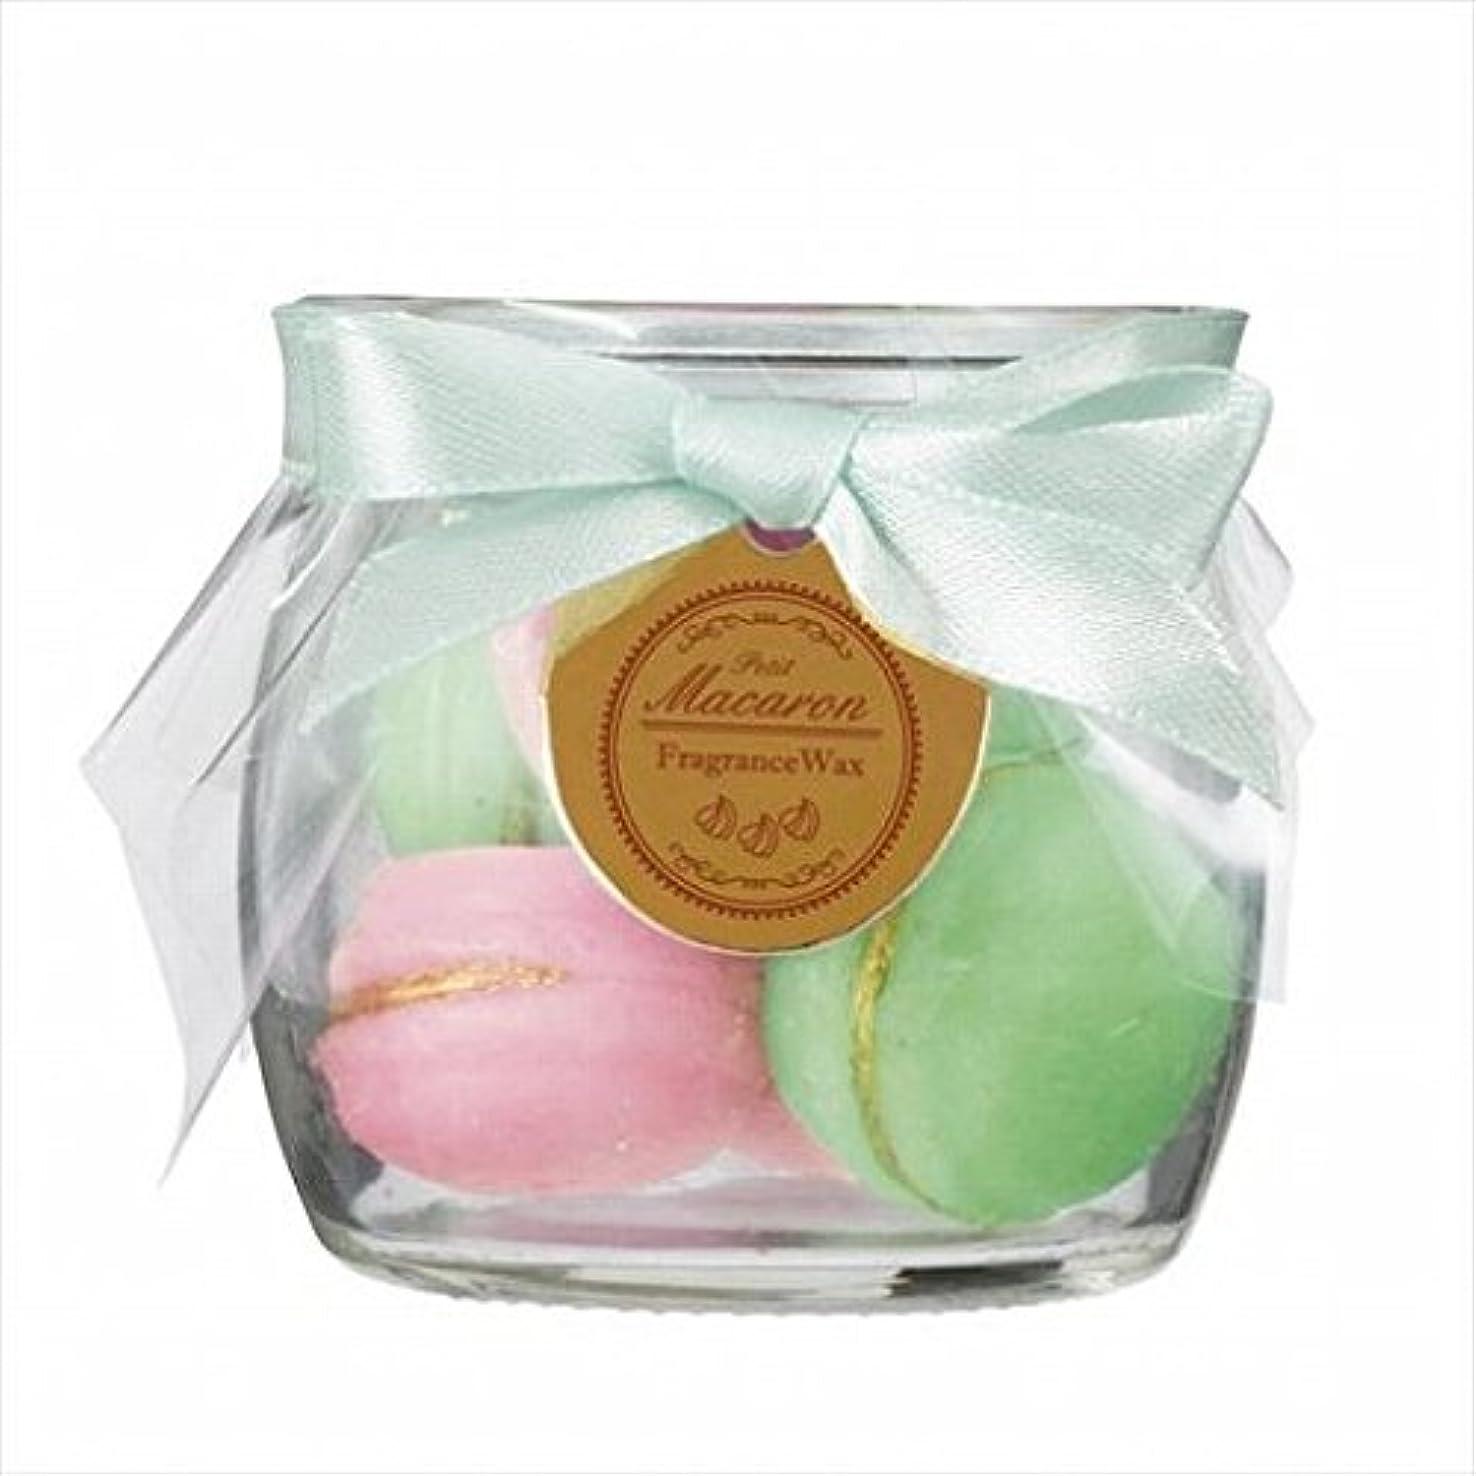 記事ビタミンフェードsweets candle(スイーツキャンドル) プチマカロンフレグランス 「 レモン 」 キャンドル 60x60x56mm (A3160530)